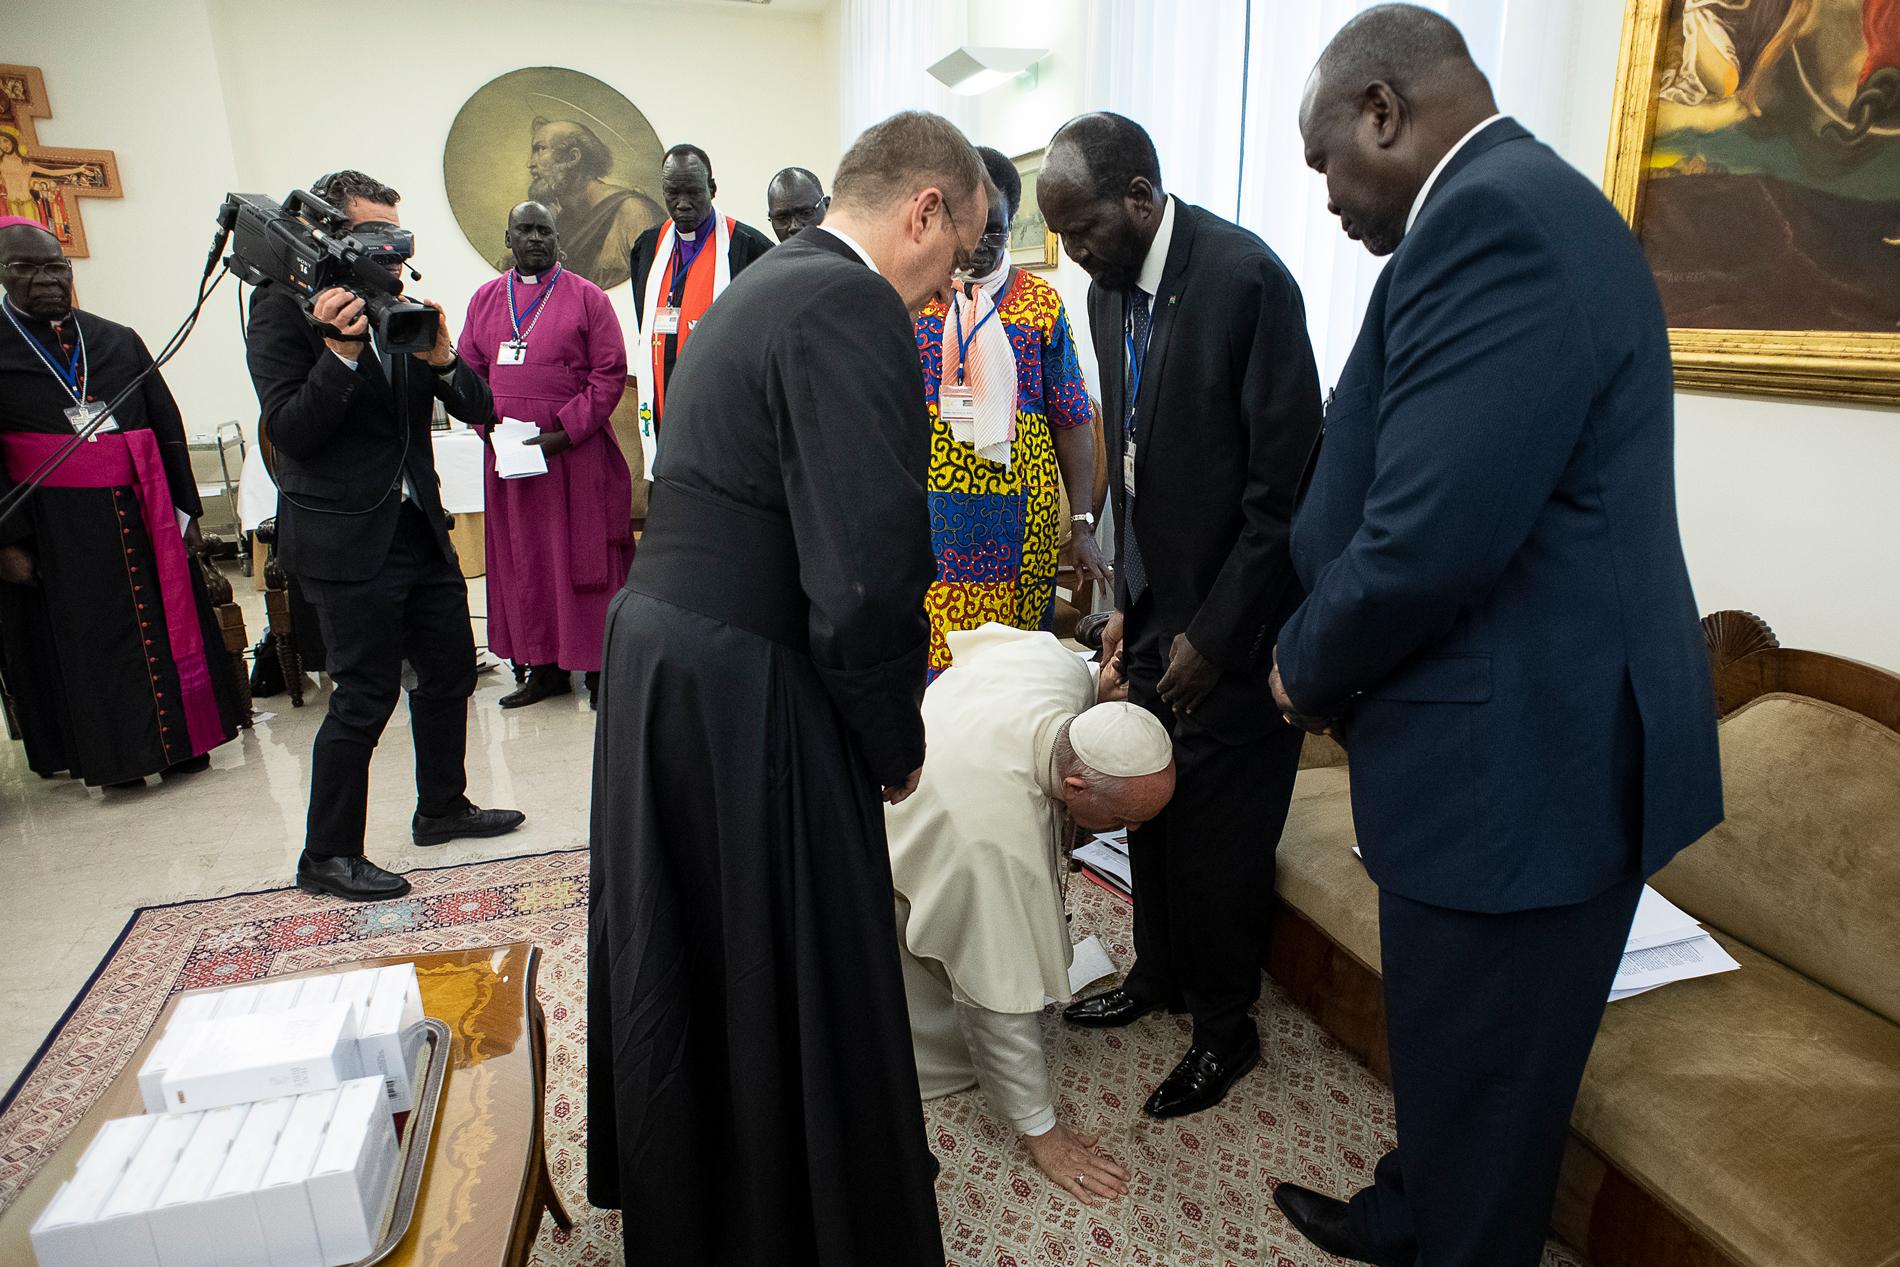 El Papa se arrodilla y besa los pies de los líderes de Sudán del Sur, comprometidos con la paz © Vatican Media